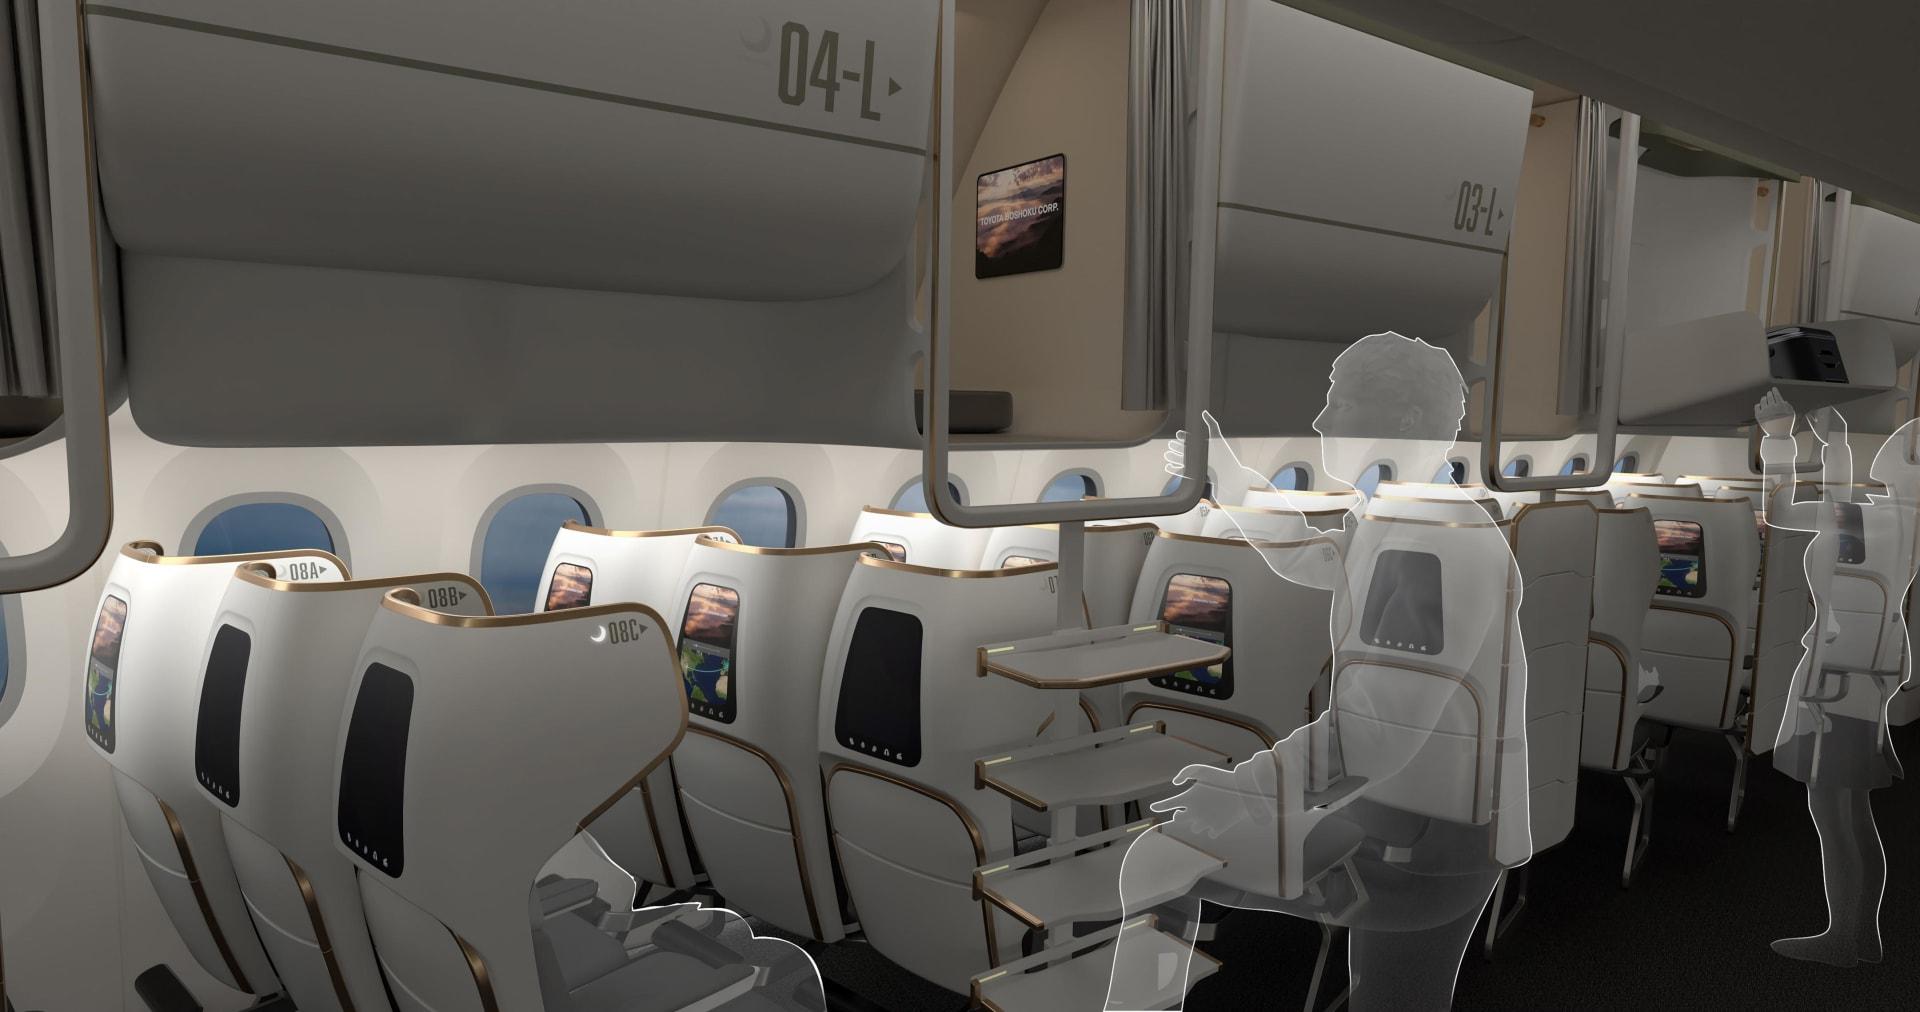 """جوائز """"كريستال كابين"""".. ألق نظرة على التصاميم المستقبلية لمقصورات الطائرات"""